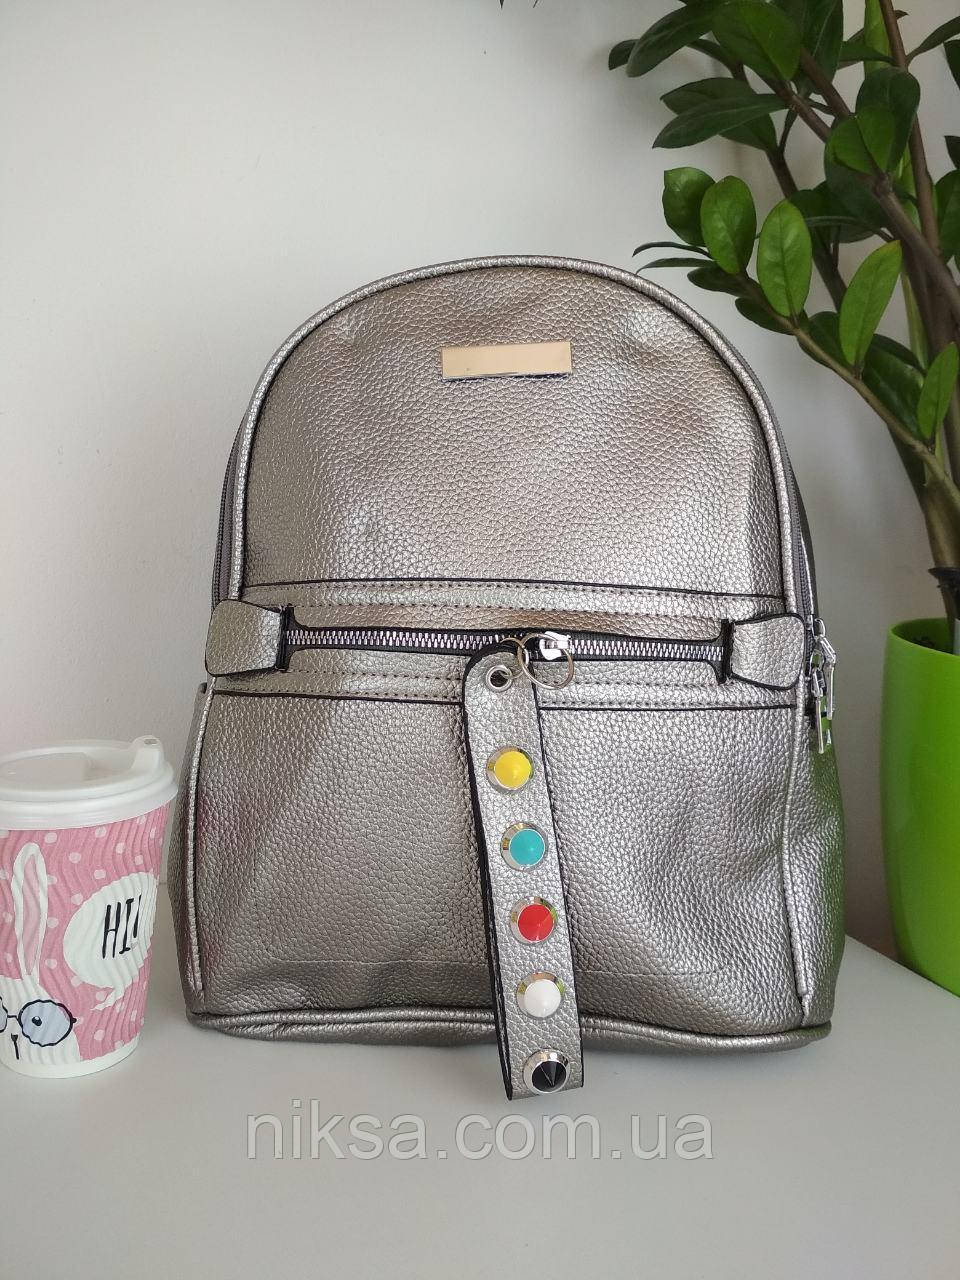 Рюкзак городской кожзам для девочки размер 33x24x12